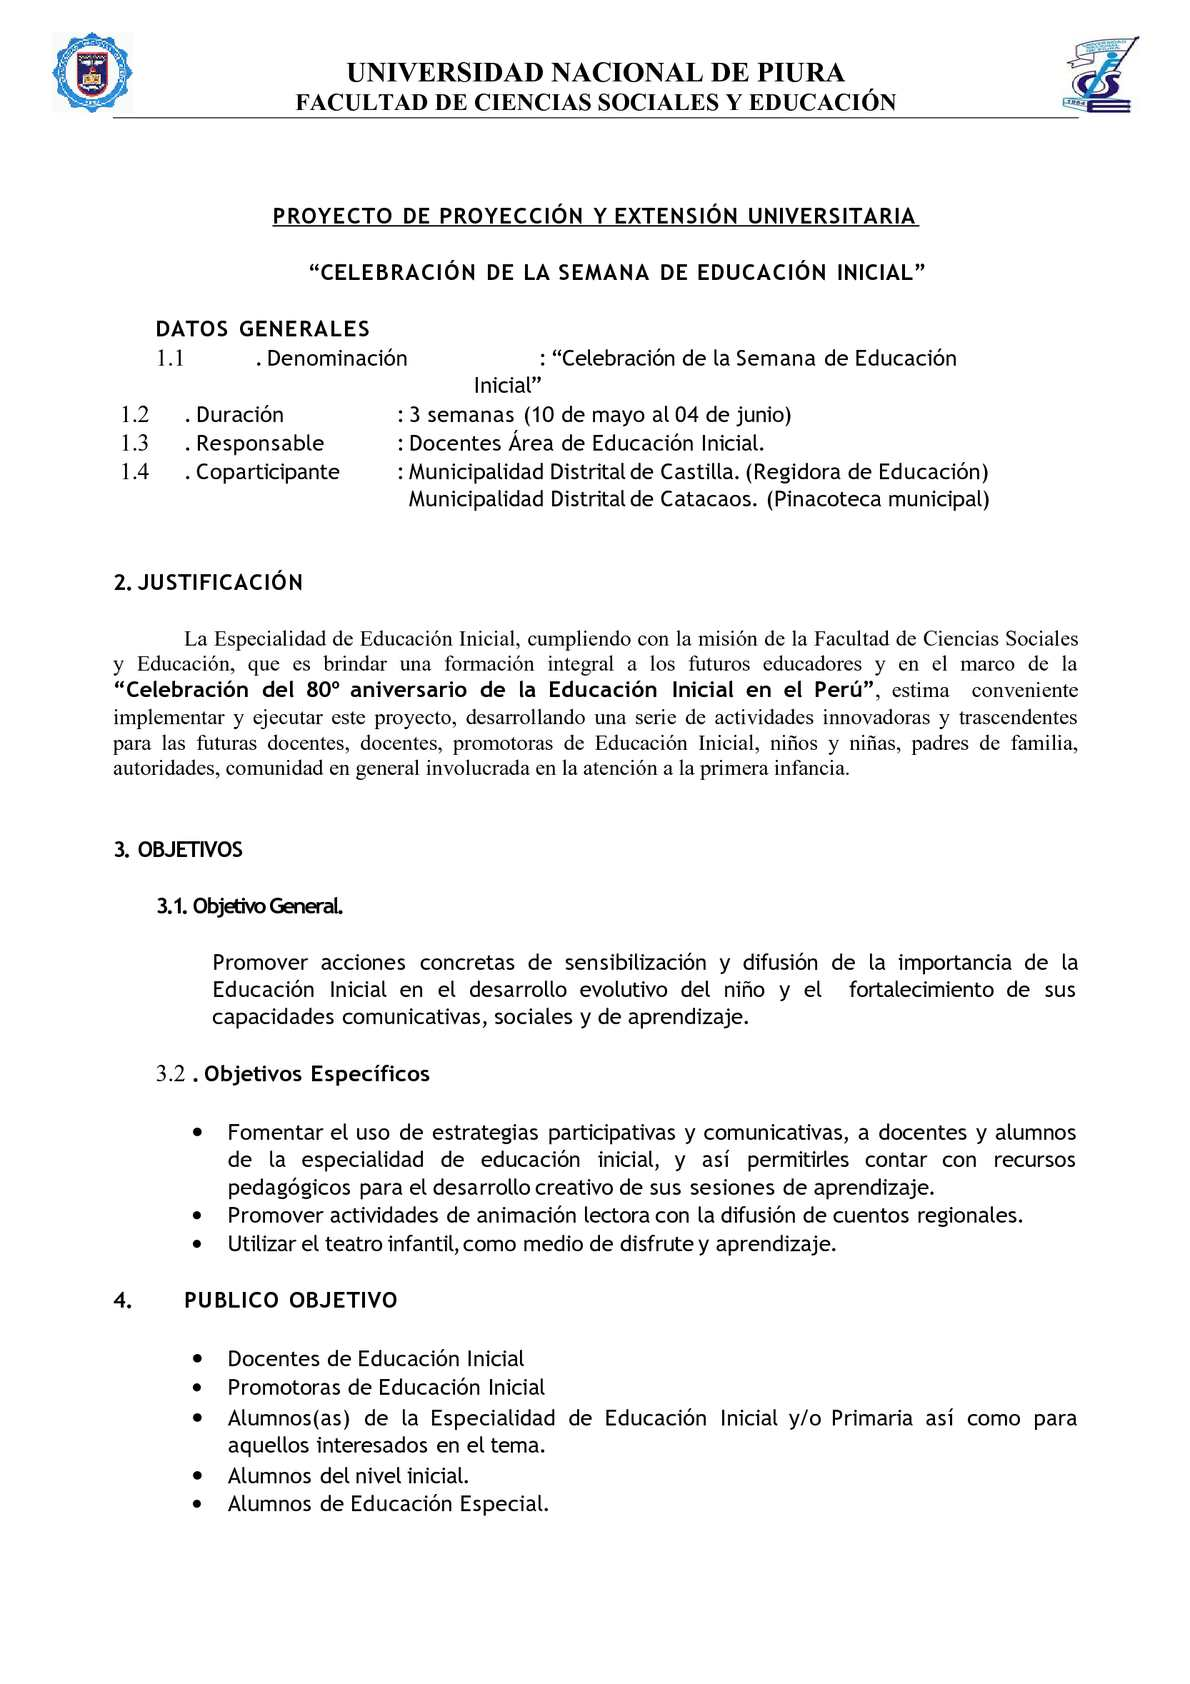 Calaméo - PROYECTO CELEBRACIÓN SEMANA EDUCACIÓN INICIAL[1]